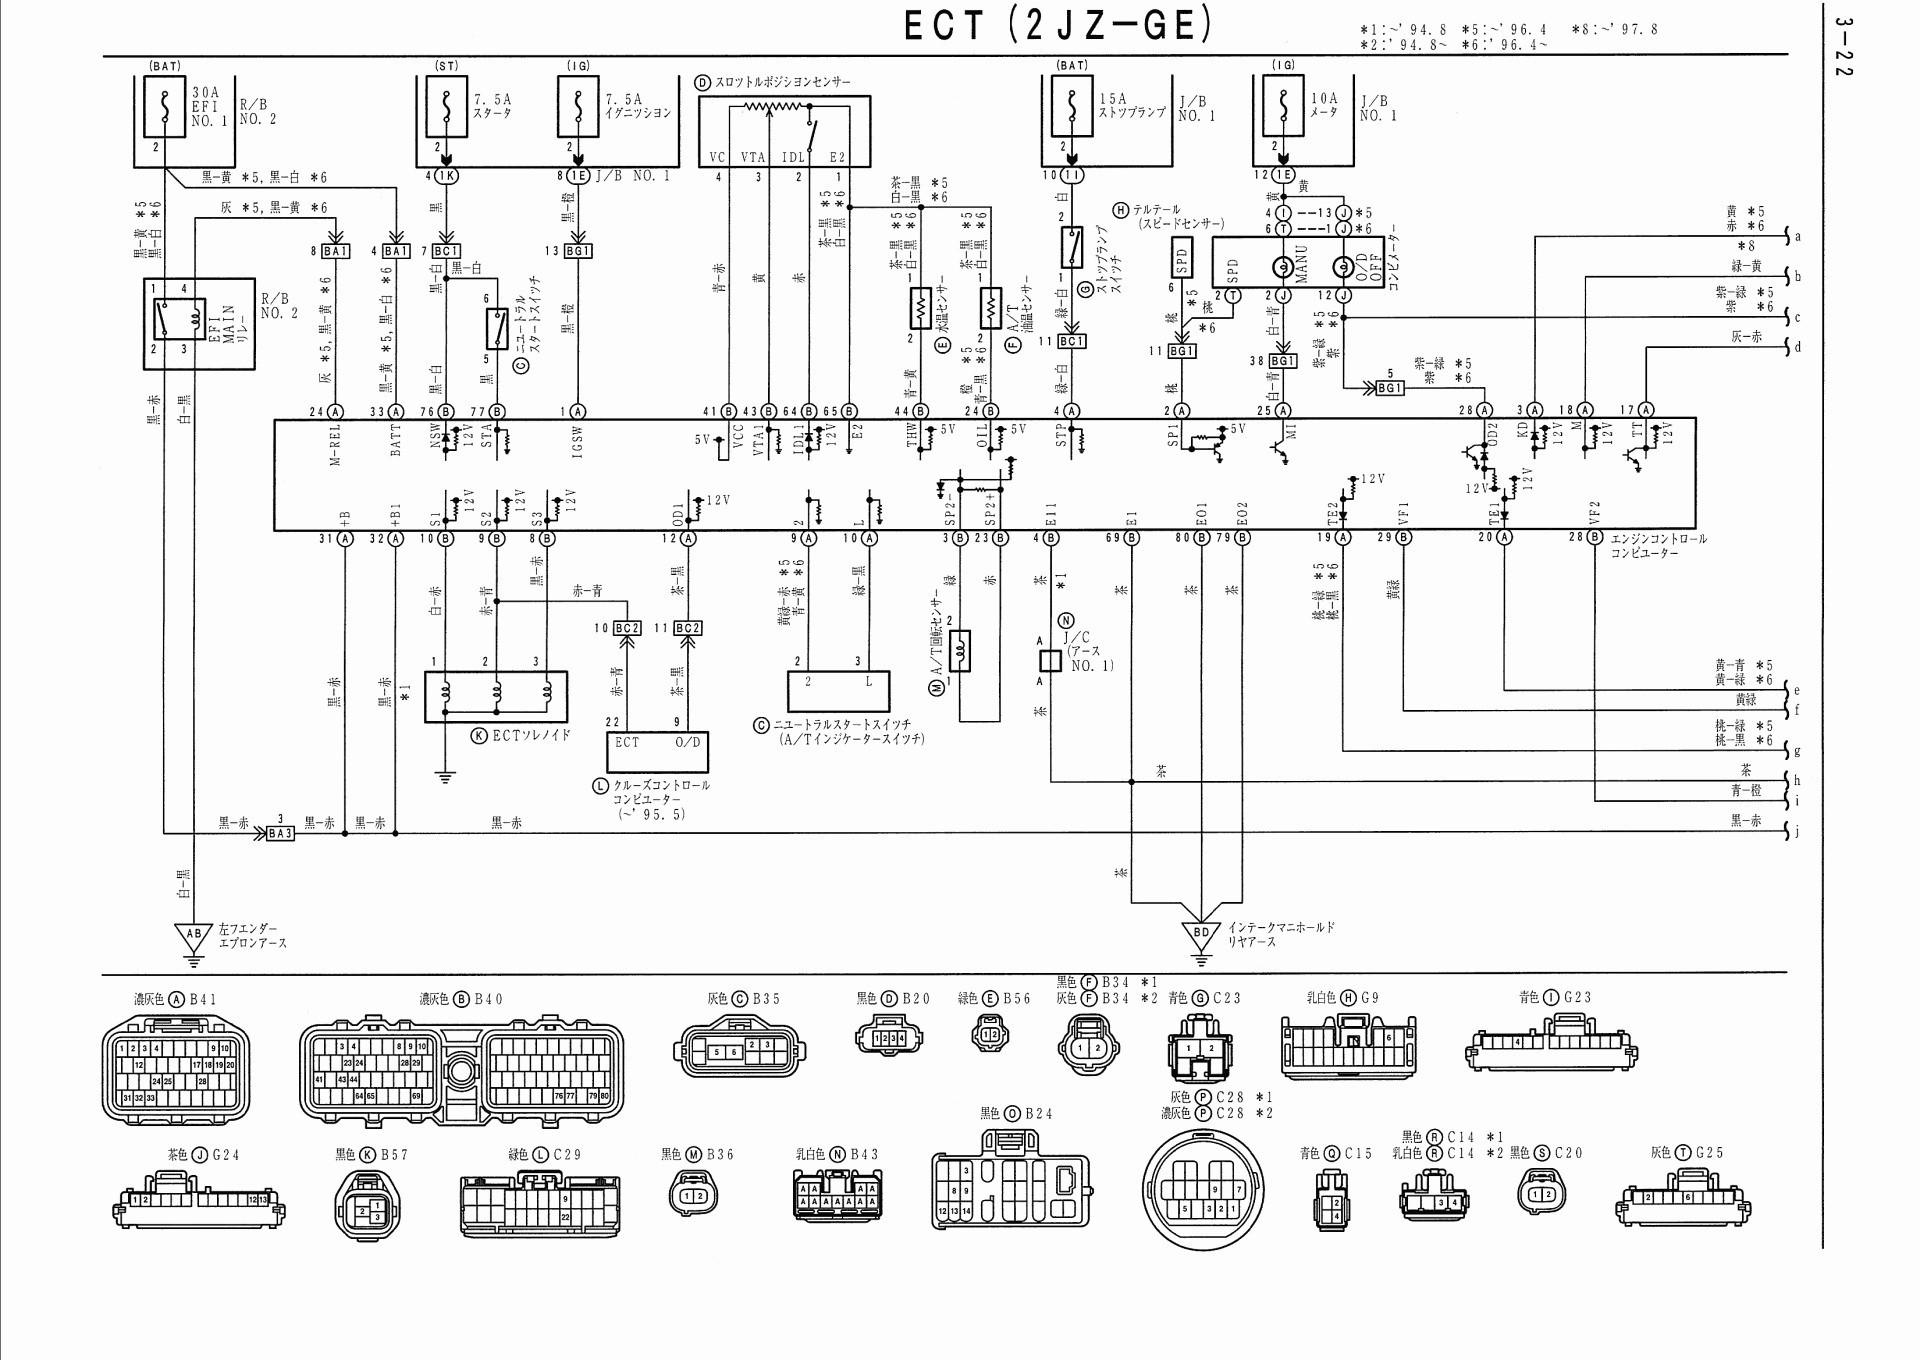 Bmw E36 Engine Diagram E36 318i Fuse Box Diagram Wiring Diagram Go Of Bmw E36 Engine Diagram